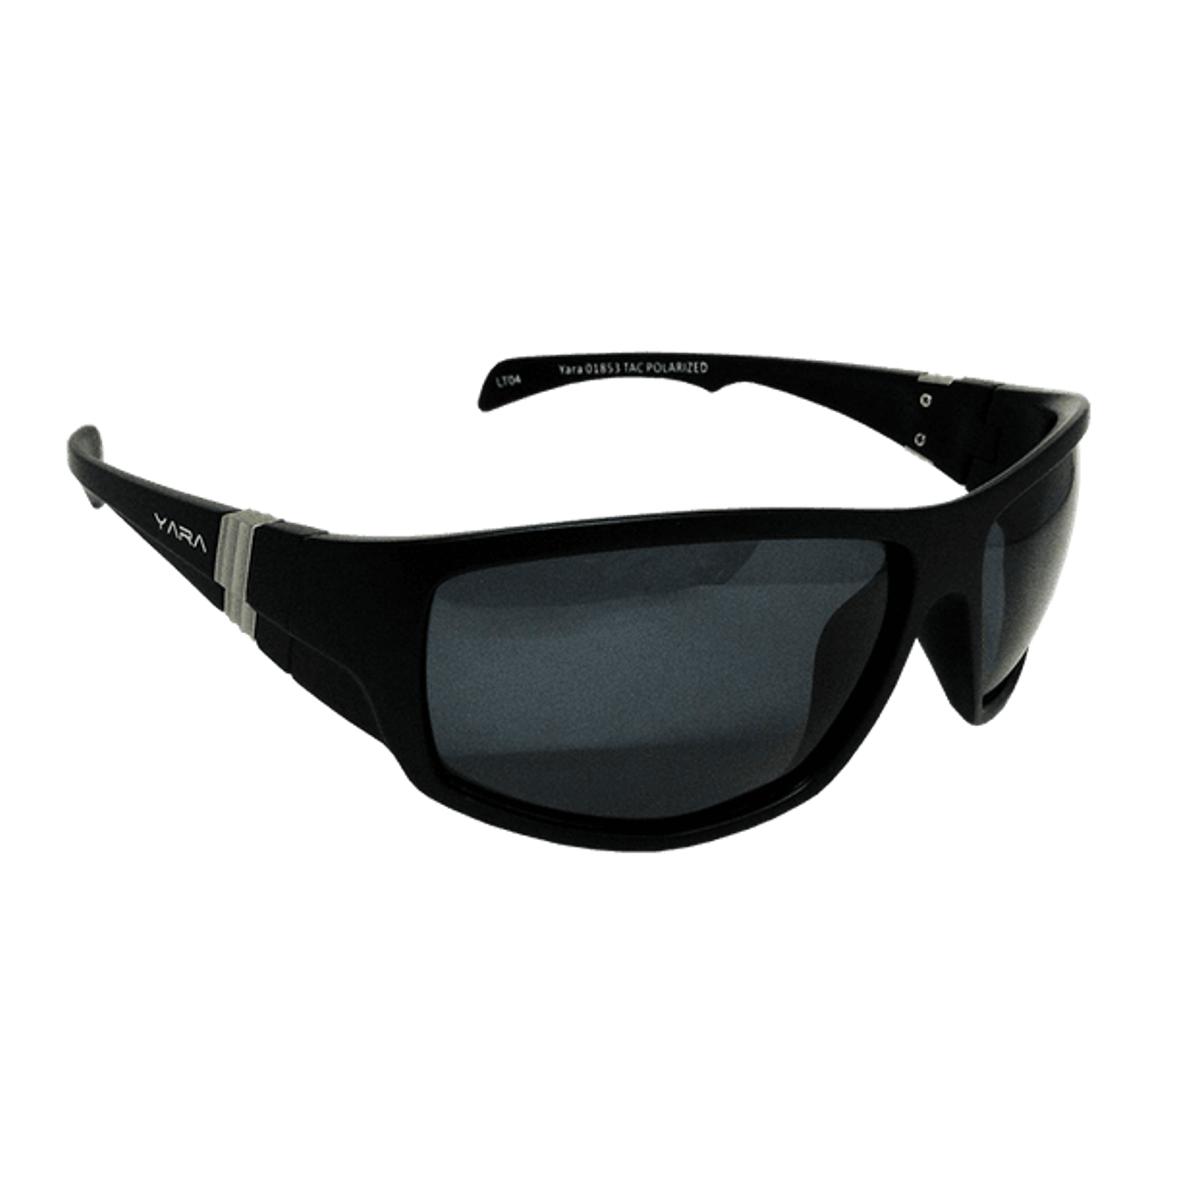 Óculos de Sol Polarizado Yara Dark Vision 01854 Sport - Lente Smoke